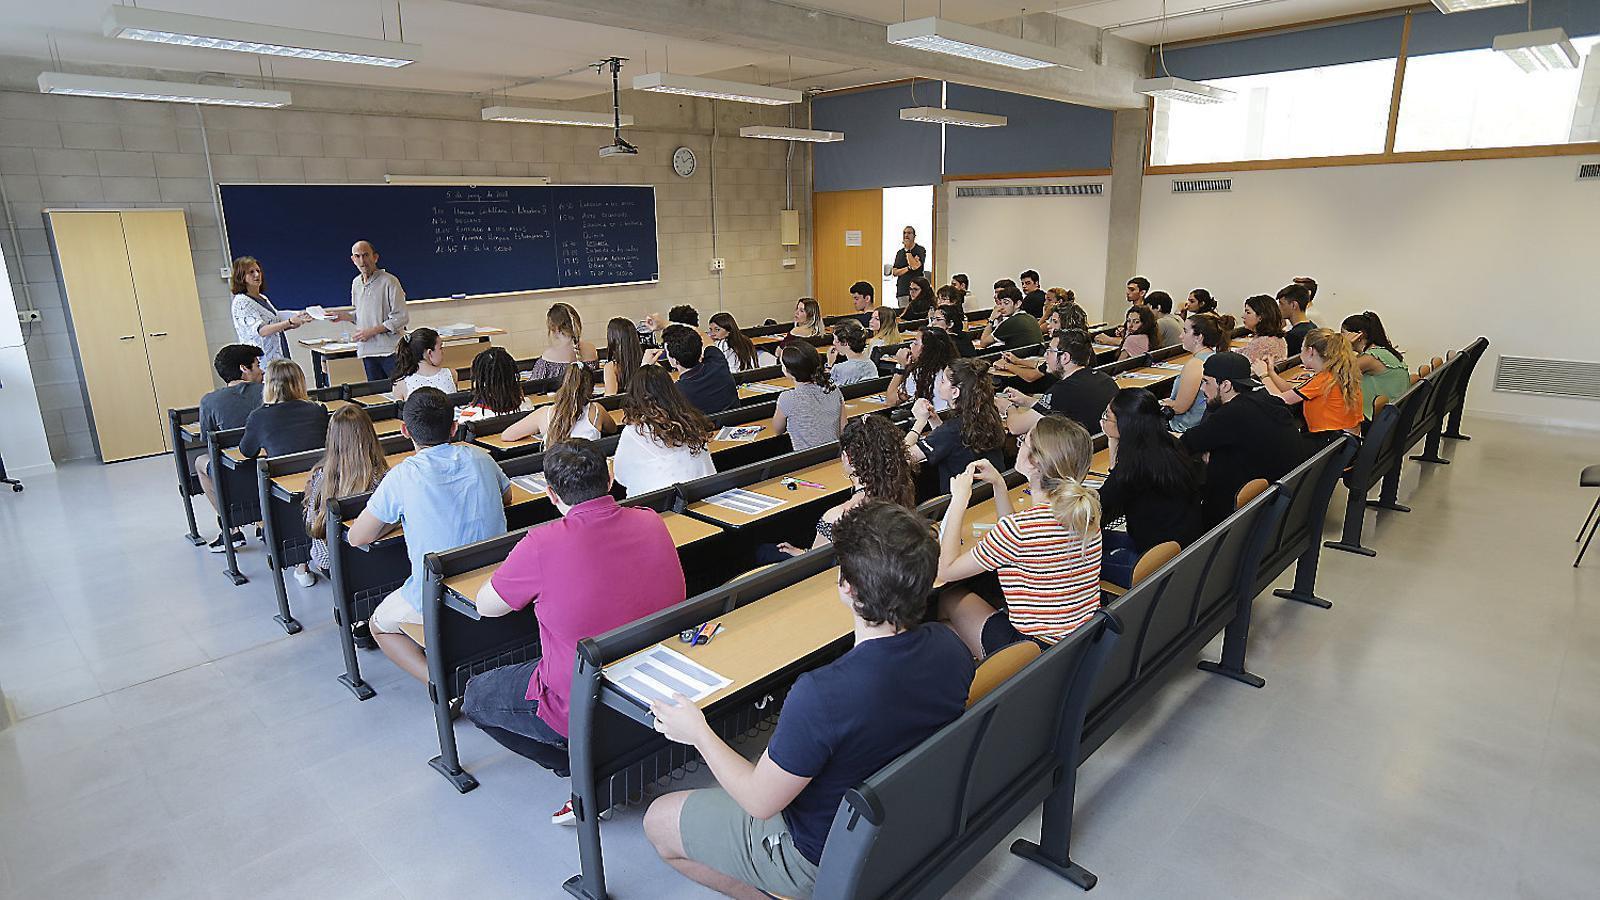 Els alumnes de la UIB optaran  a una beca per realitzar el Màster Universitari en Enginyeria Industrial.